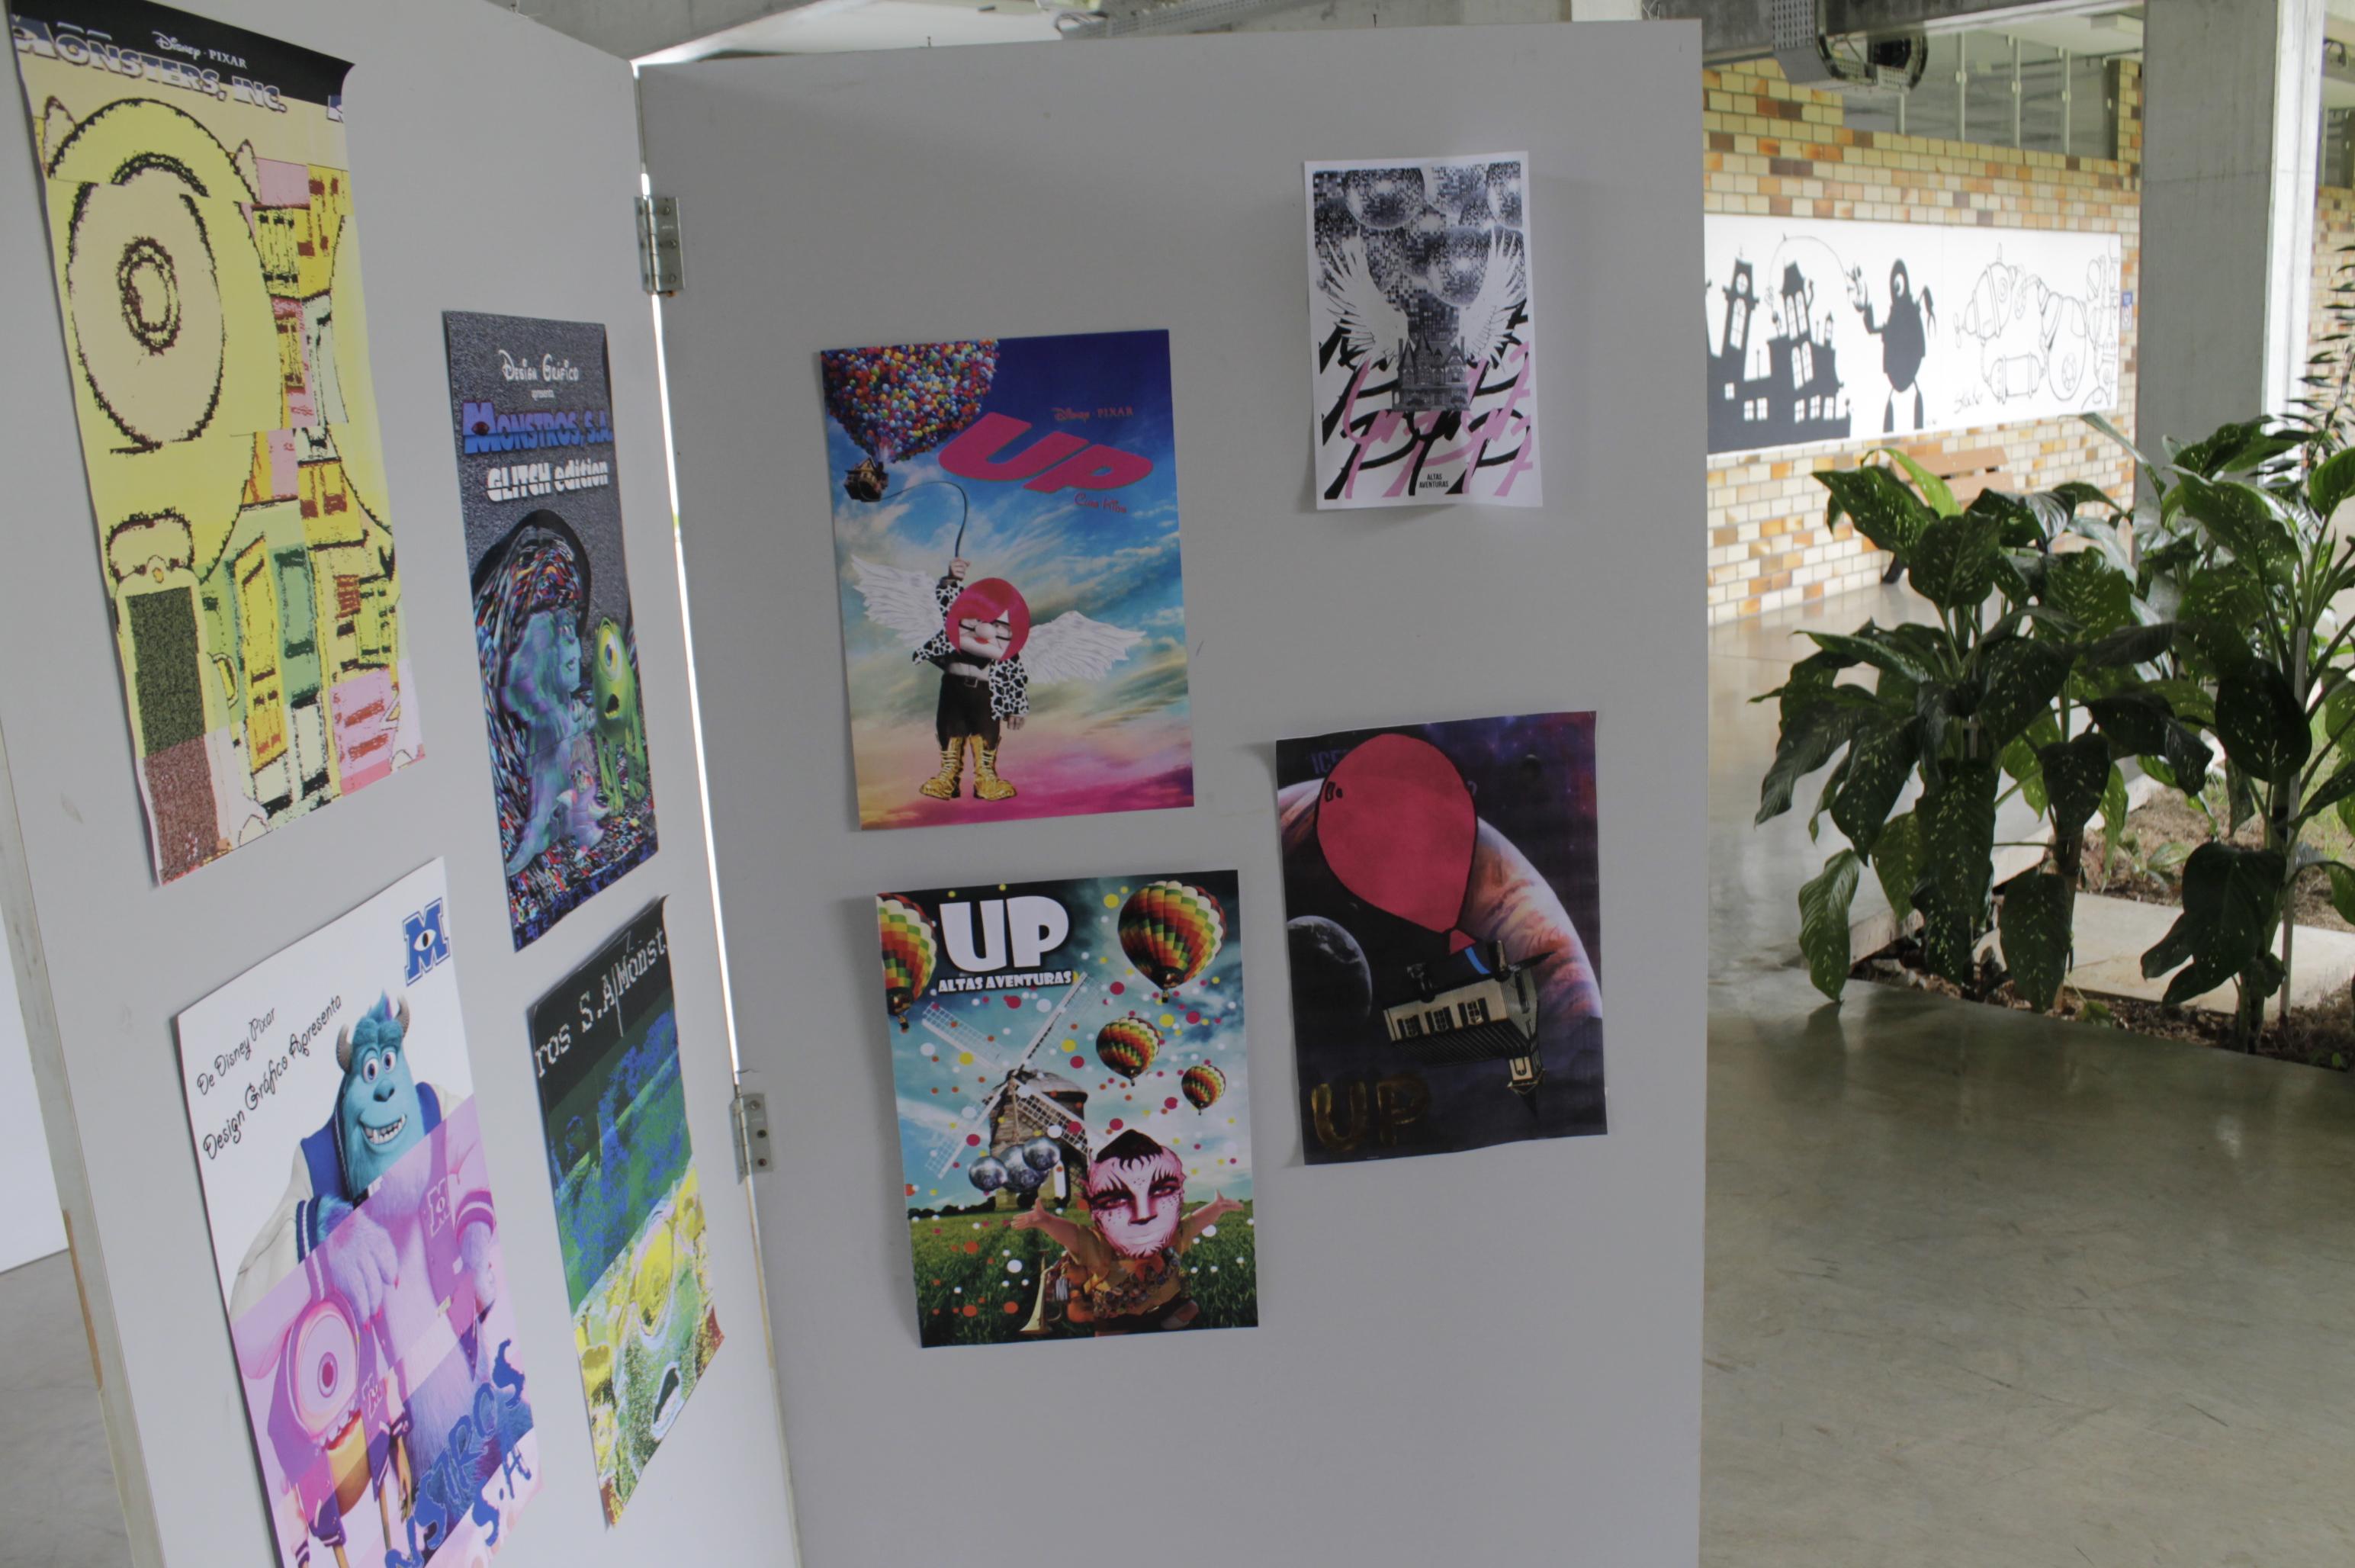 Sucessos da Pixar ganham releitura em exposição de Design Gráfico